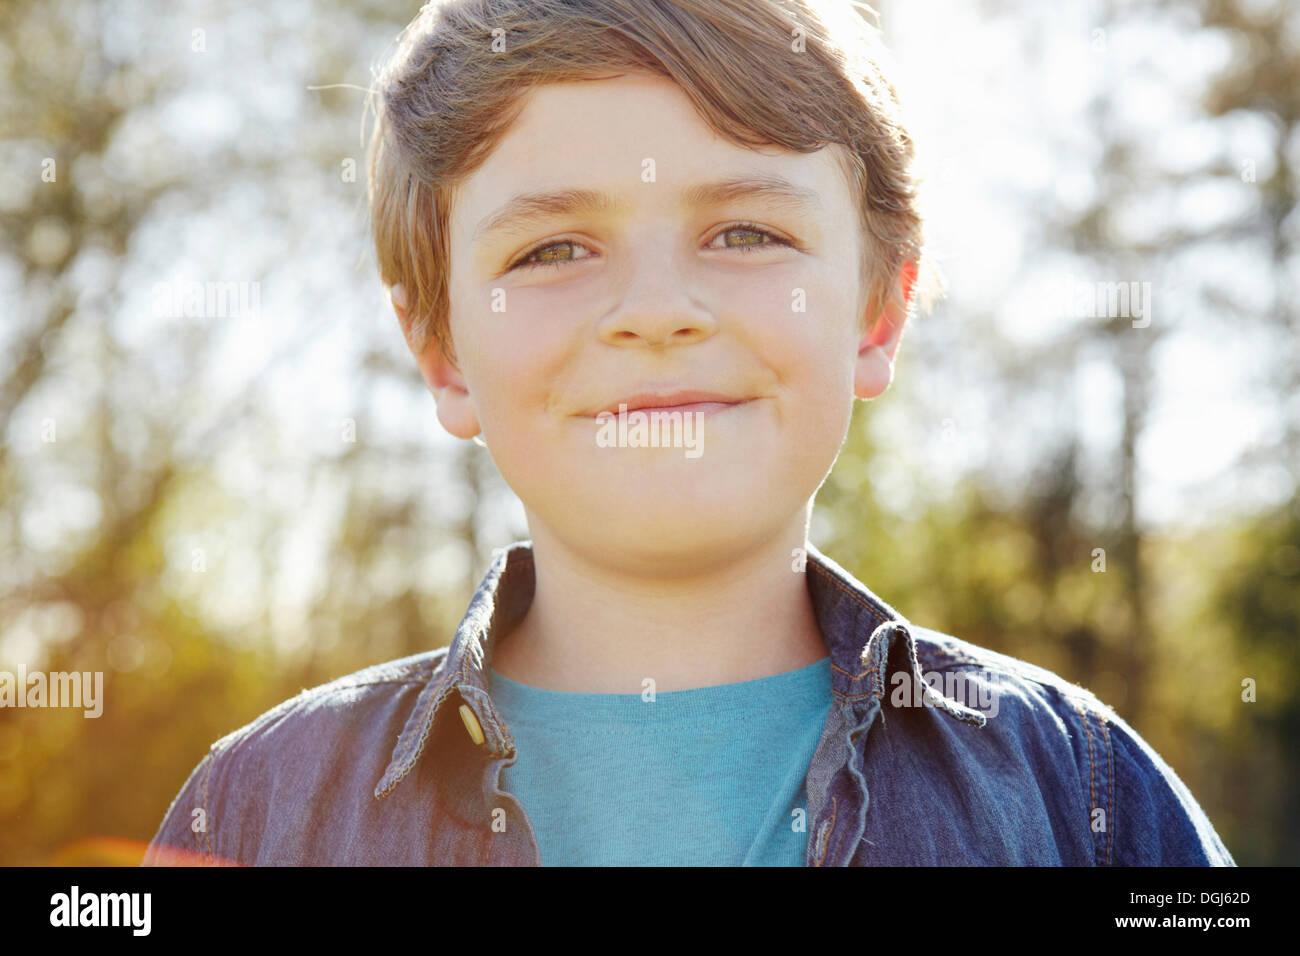 Garçon avec cheeky grin Photo Stock